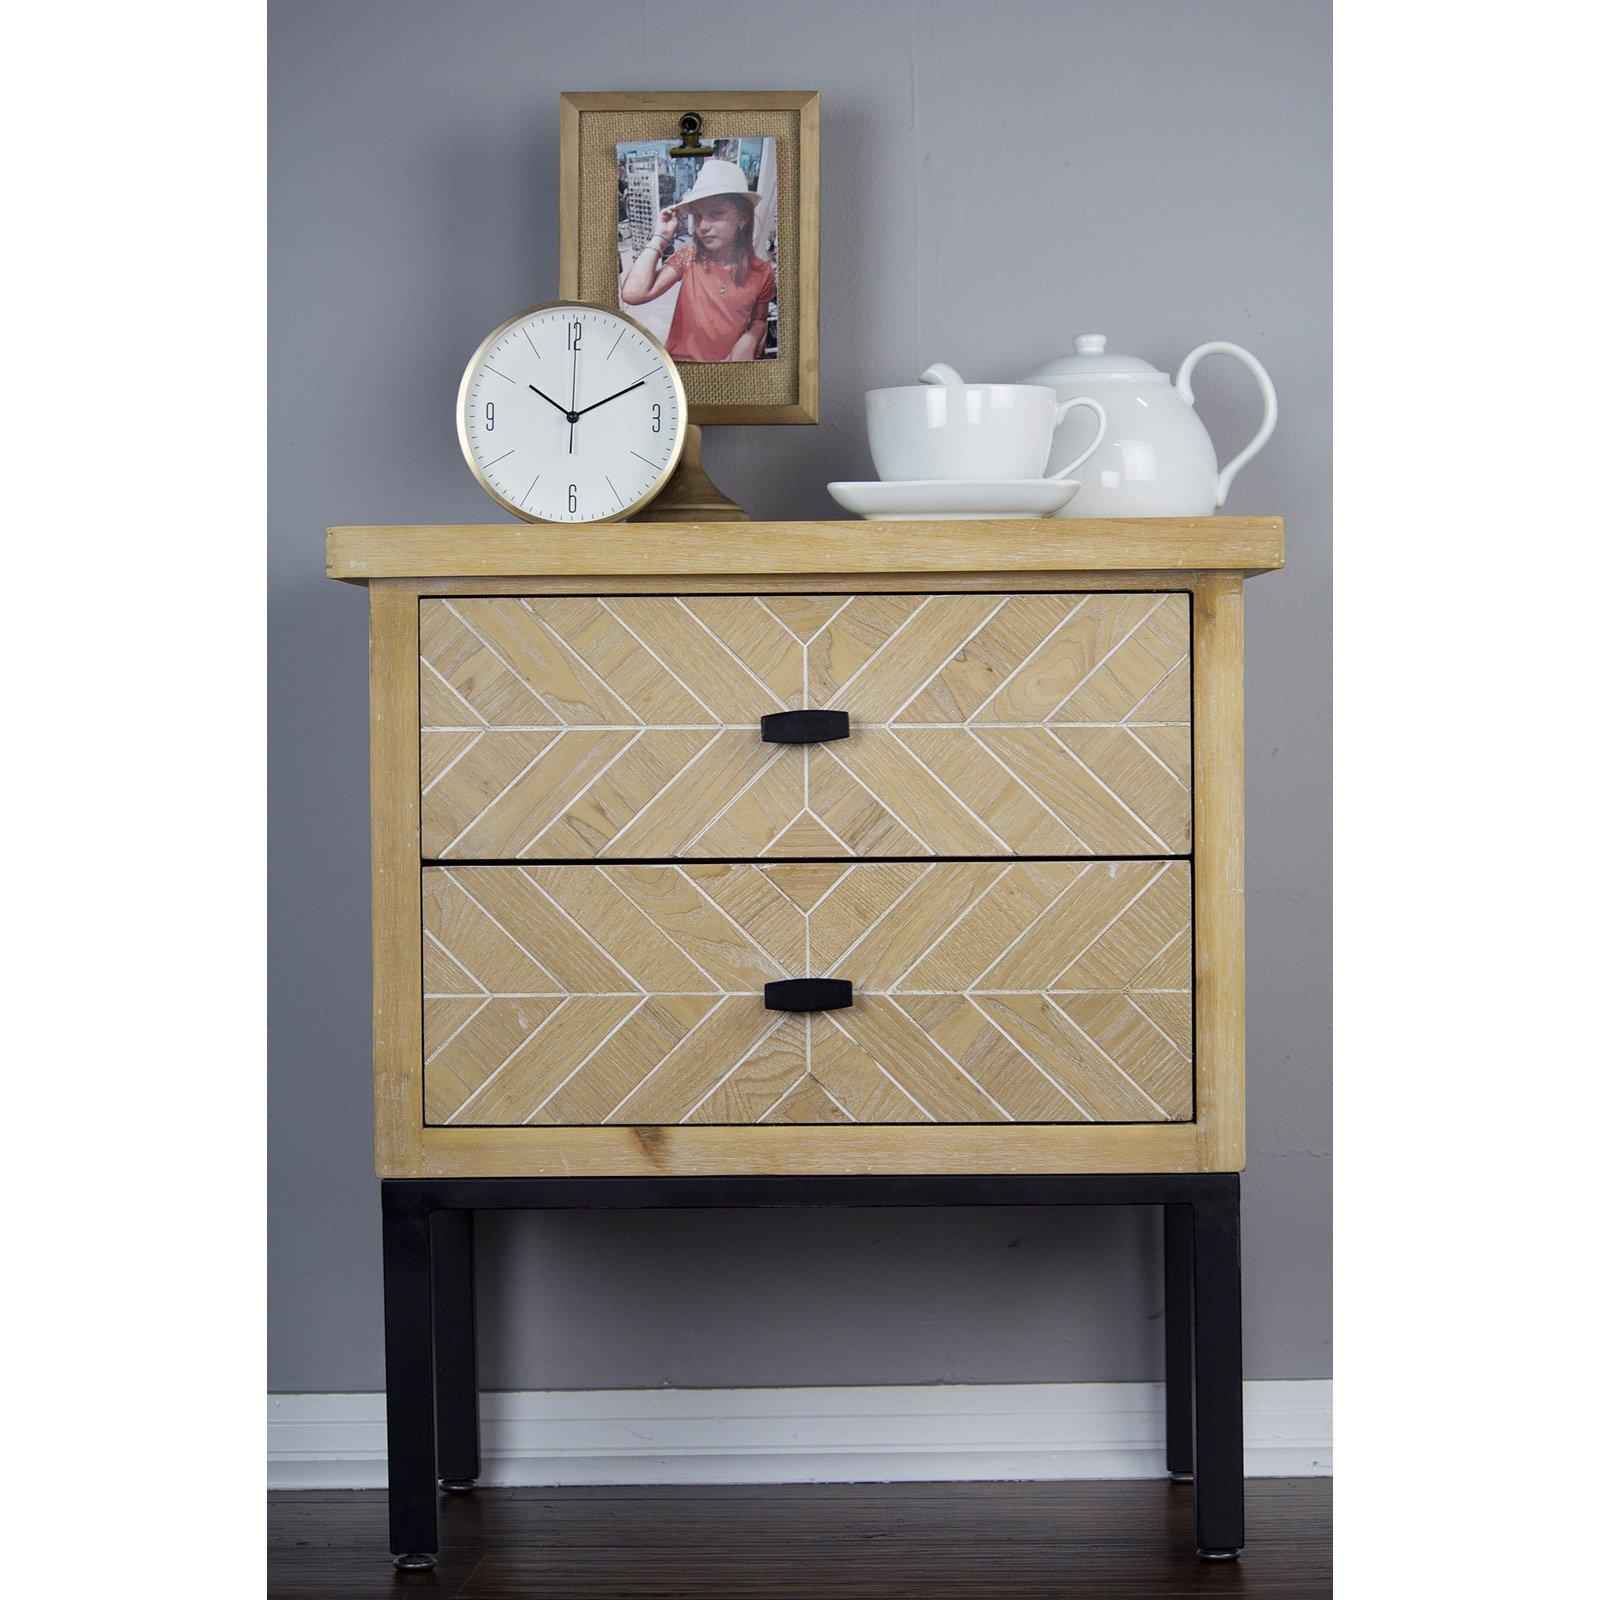 Heather Ann Creations Urban 2 Drawer Parquet Accent Cabinet